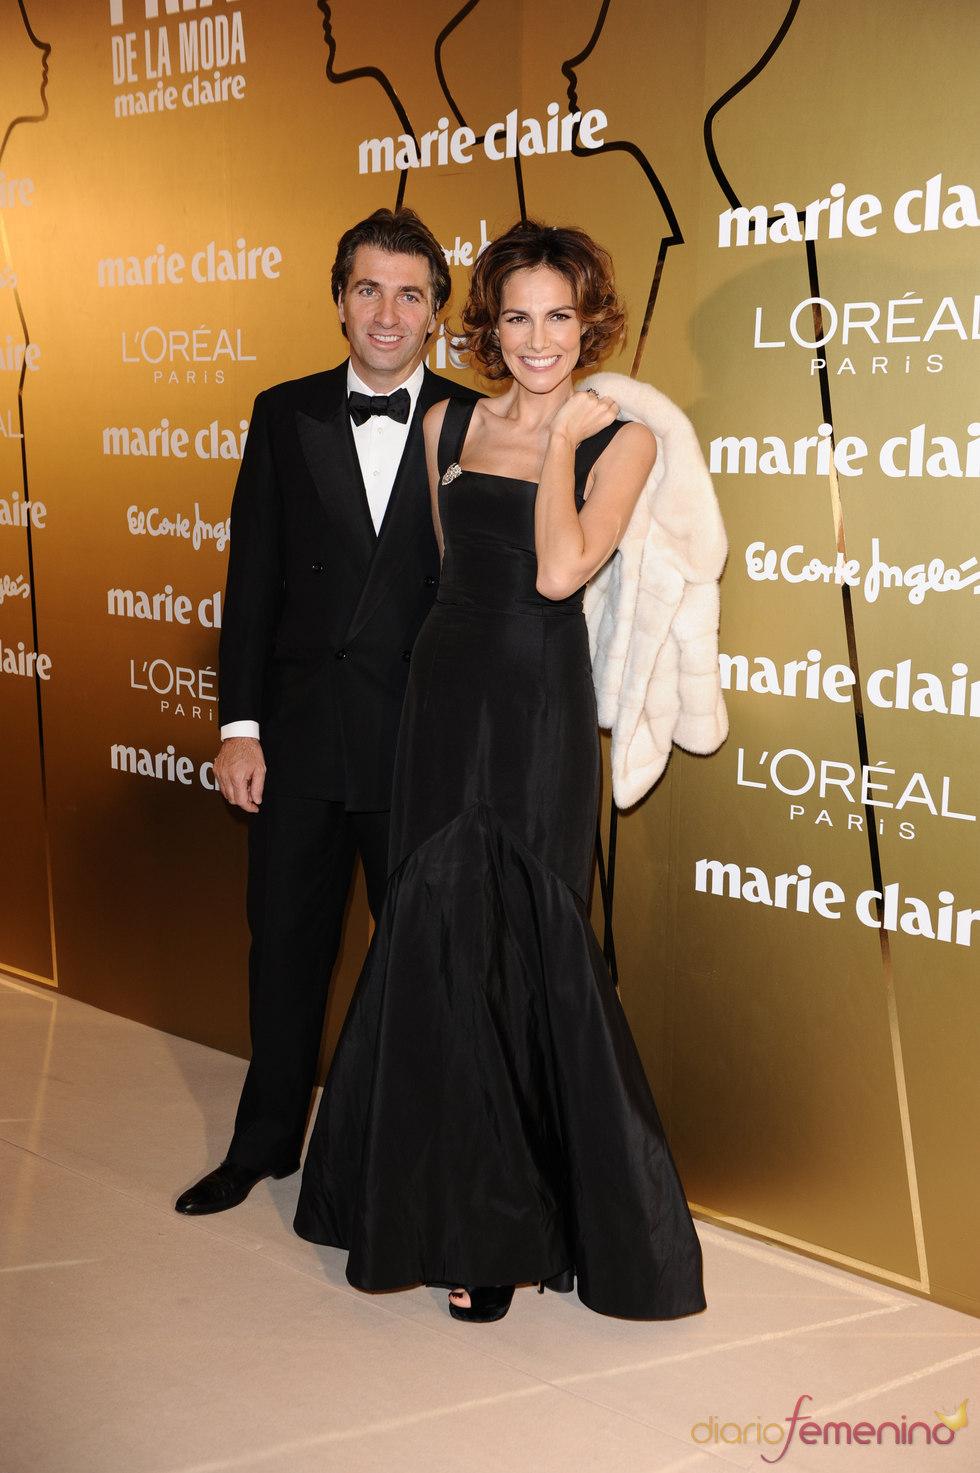 Adriana Abascal y Mathias Helleu en los Premios Marie Claire 2010